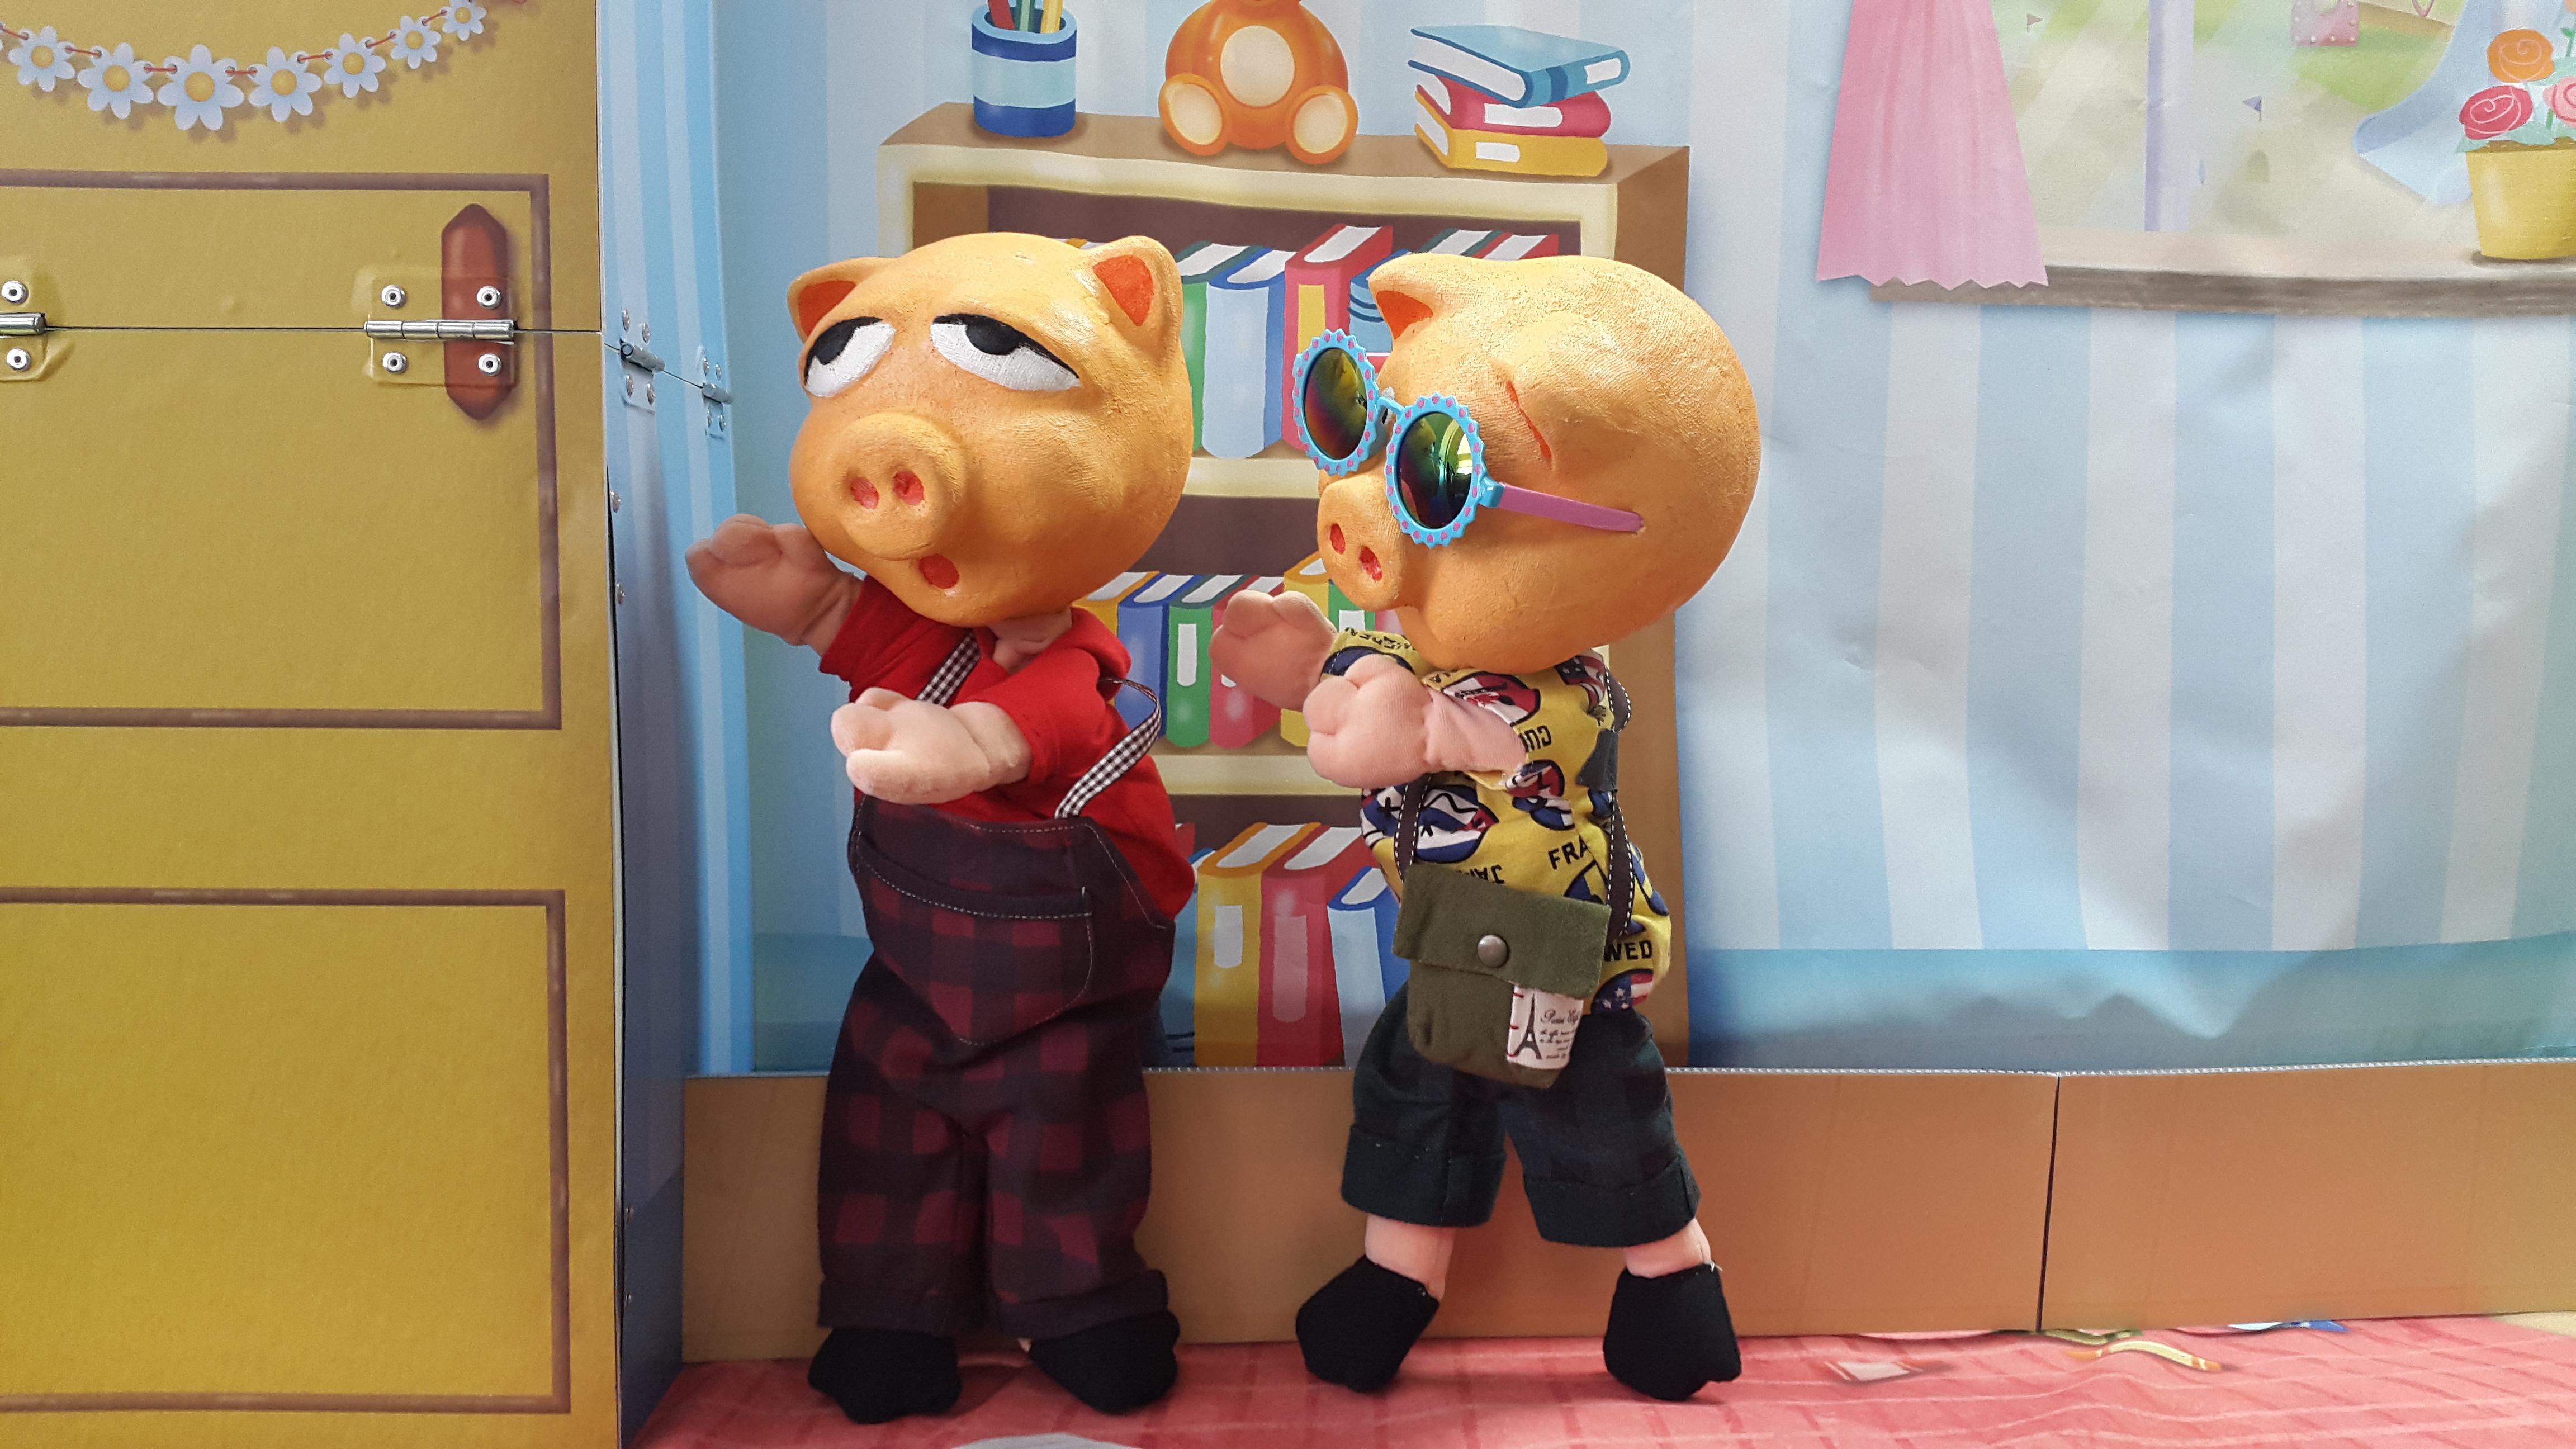 우당탕탕 돼지 3형제'당황하면 안돼요'-2